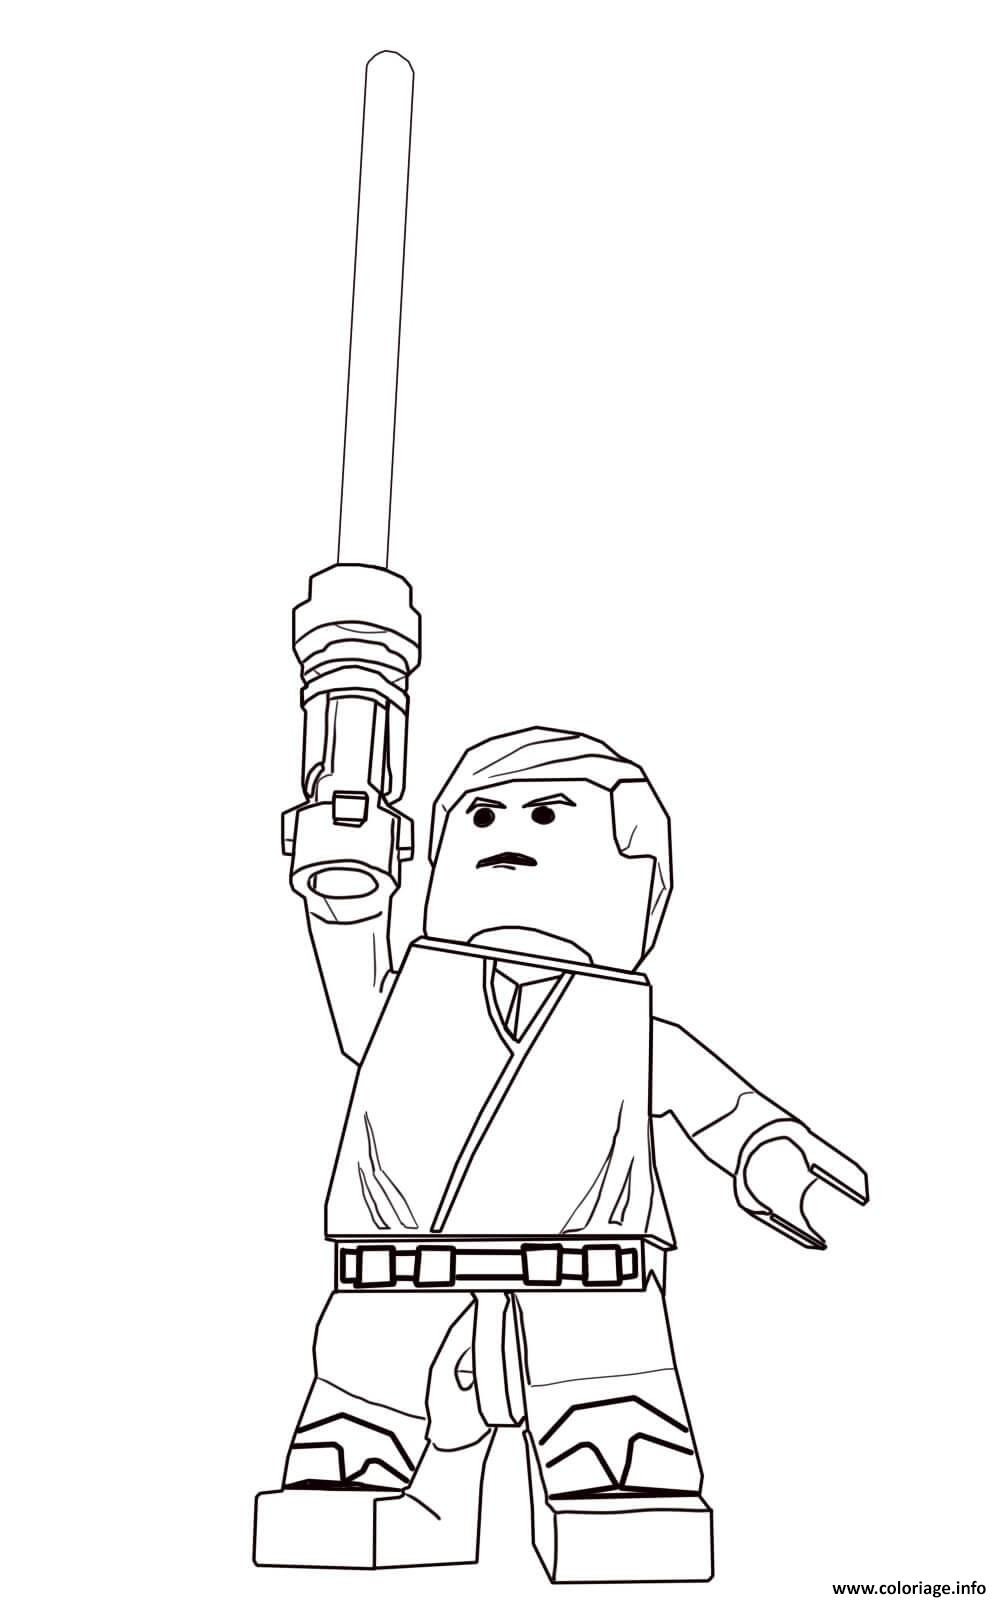 Coloriage Lego Star Wars Luke Skywalker Dessin